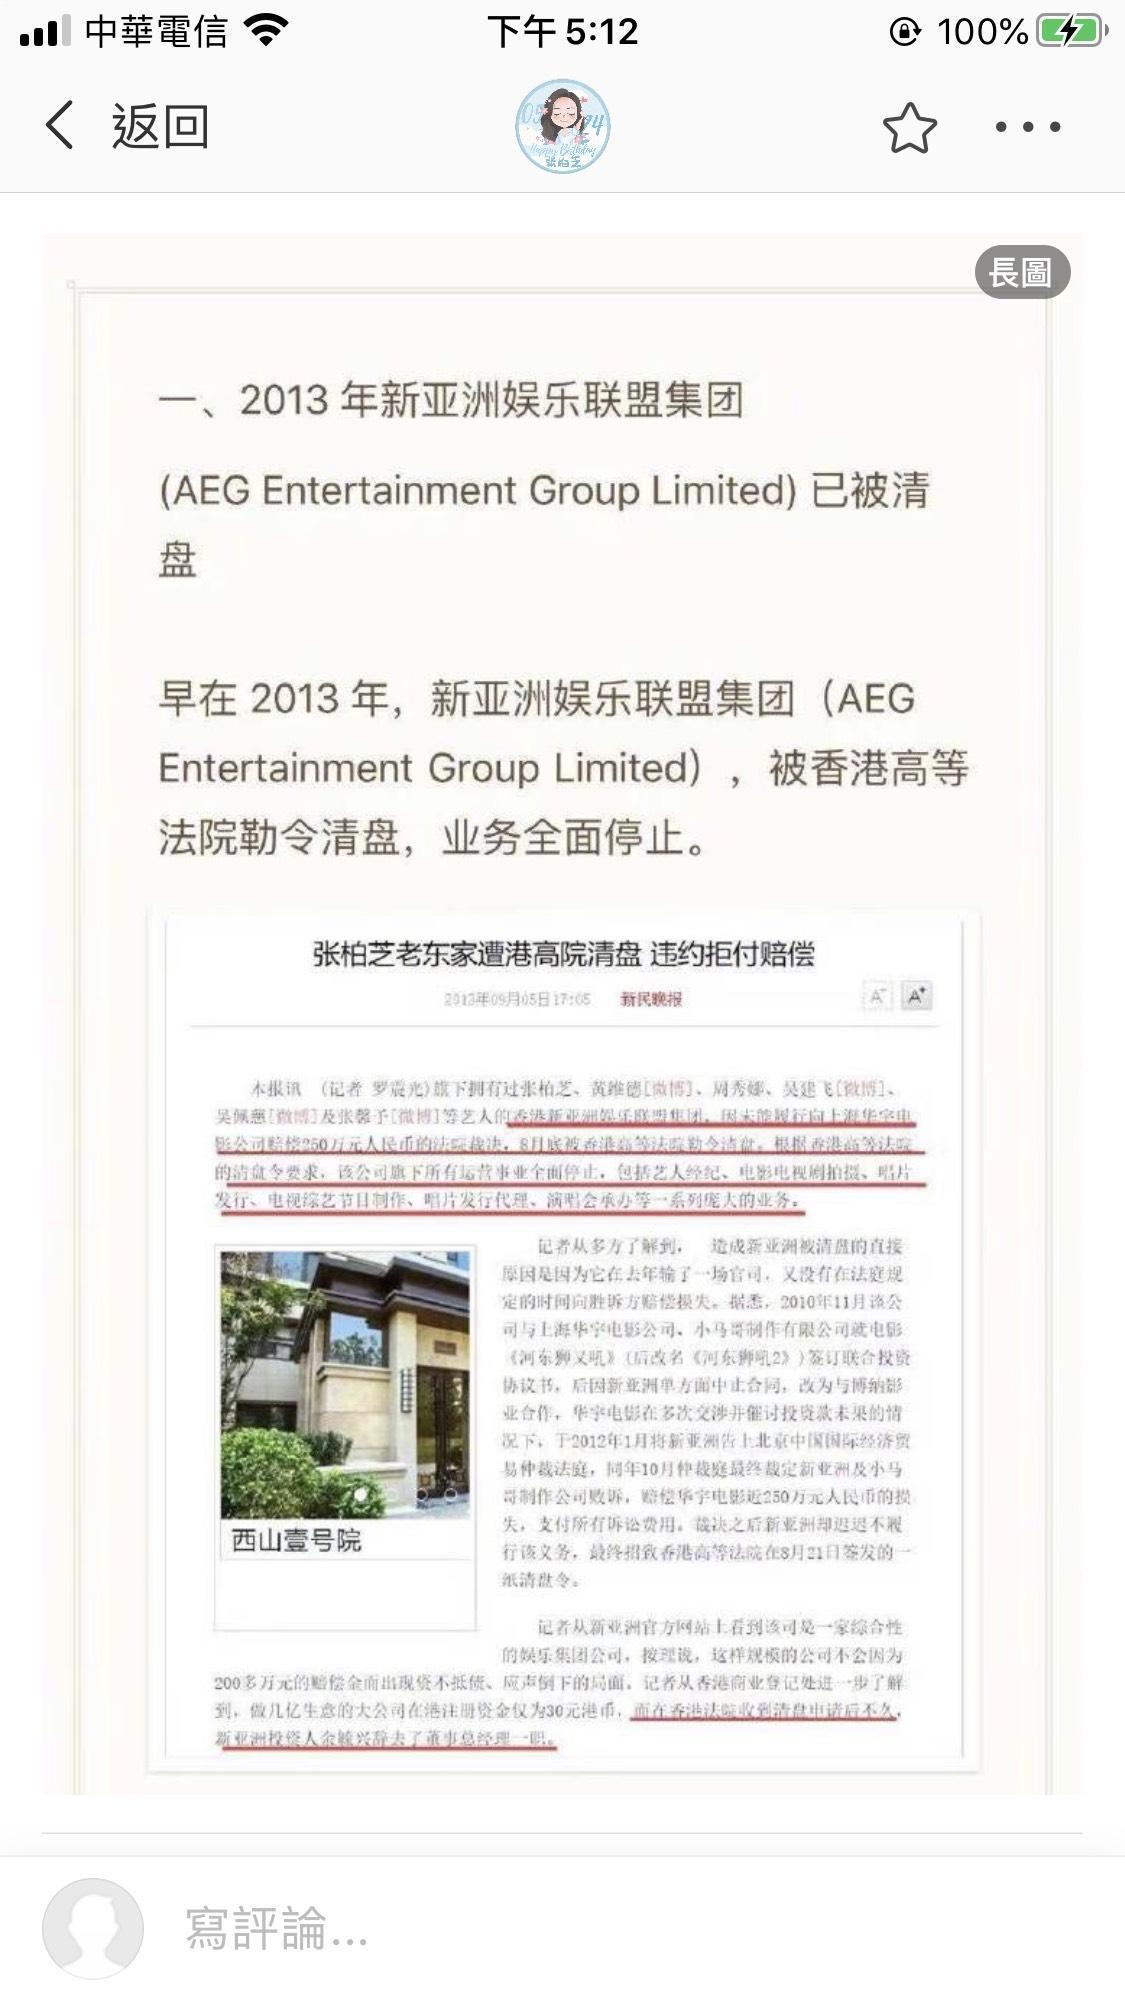 當年AEG新亞洲娛樂公司已被清盤,業務全面停止,曾被新聞報導。(翻攝自張栢芝微博)